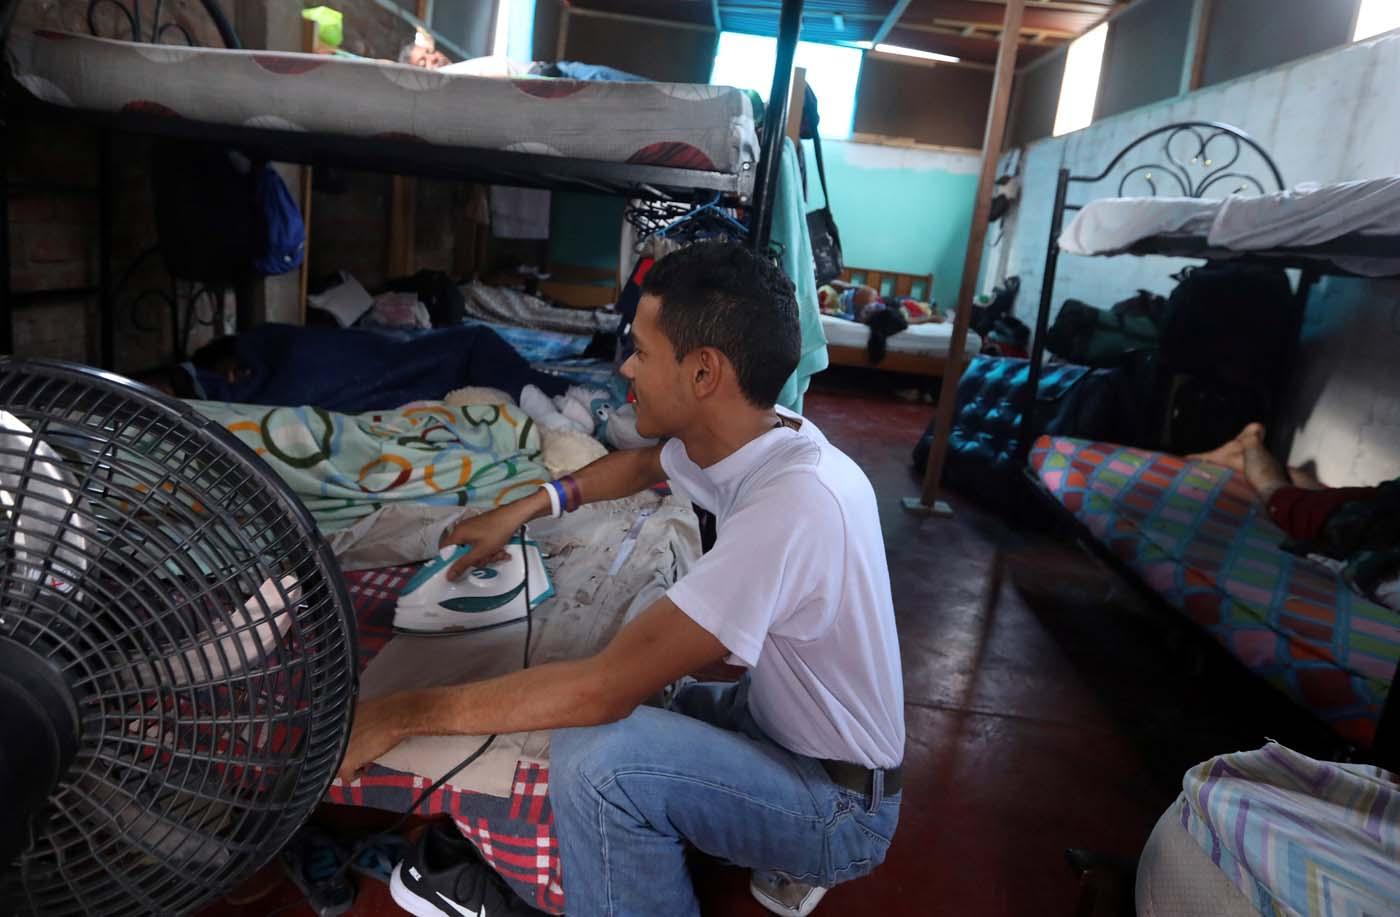 Perú, desbordado por la migración venezolana — El País